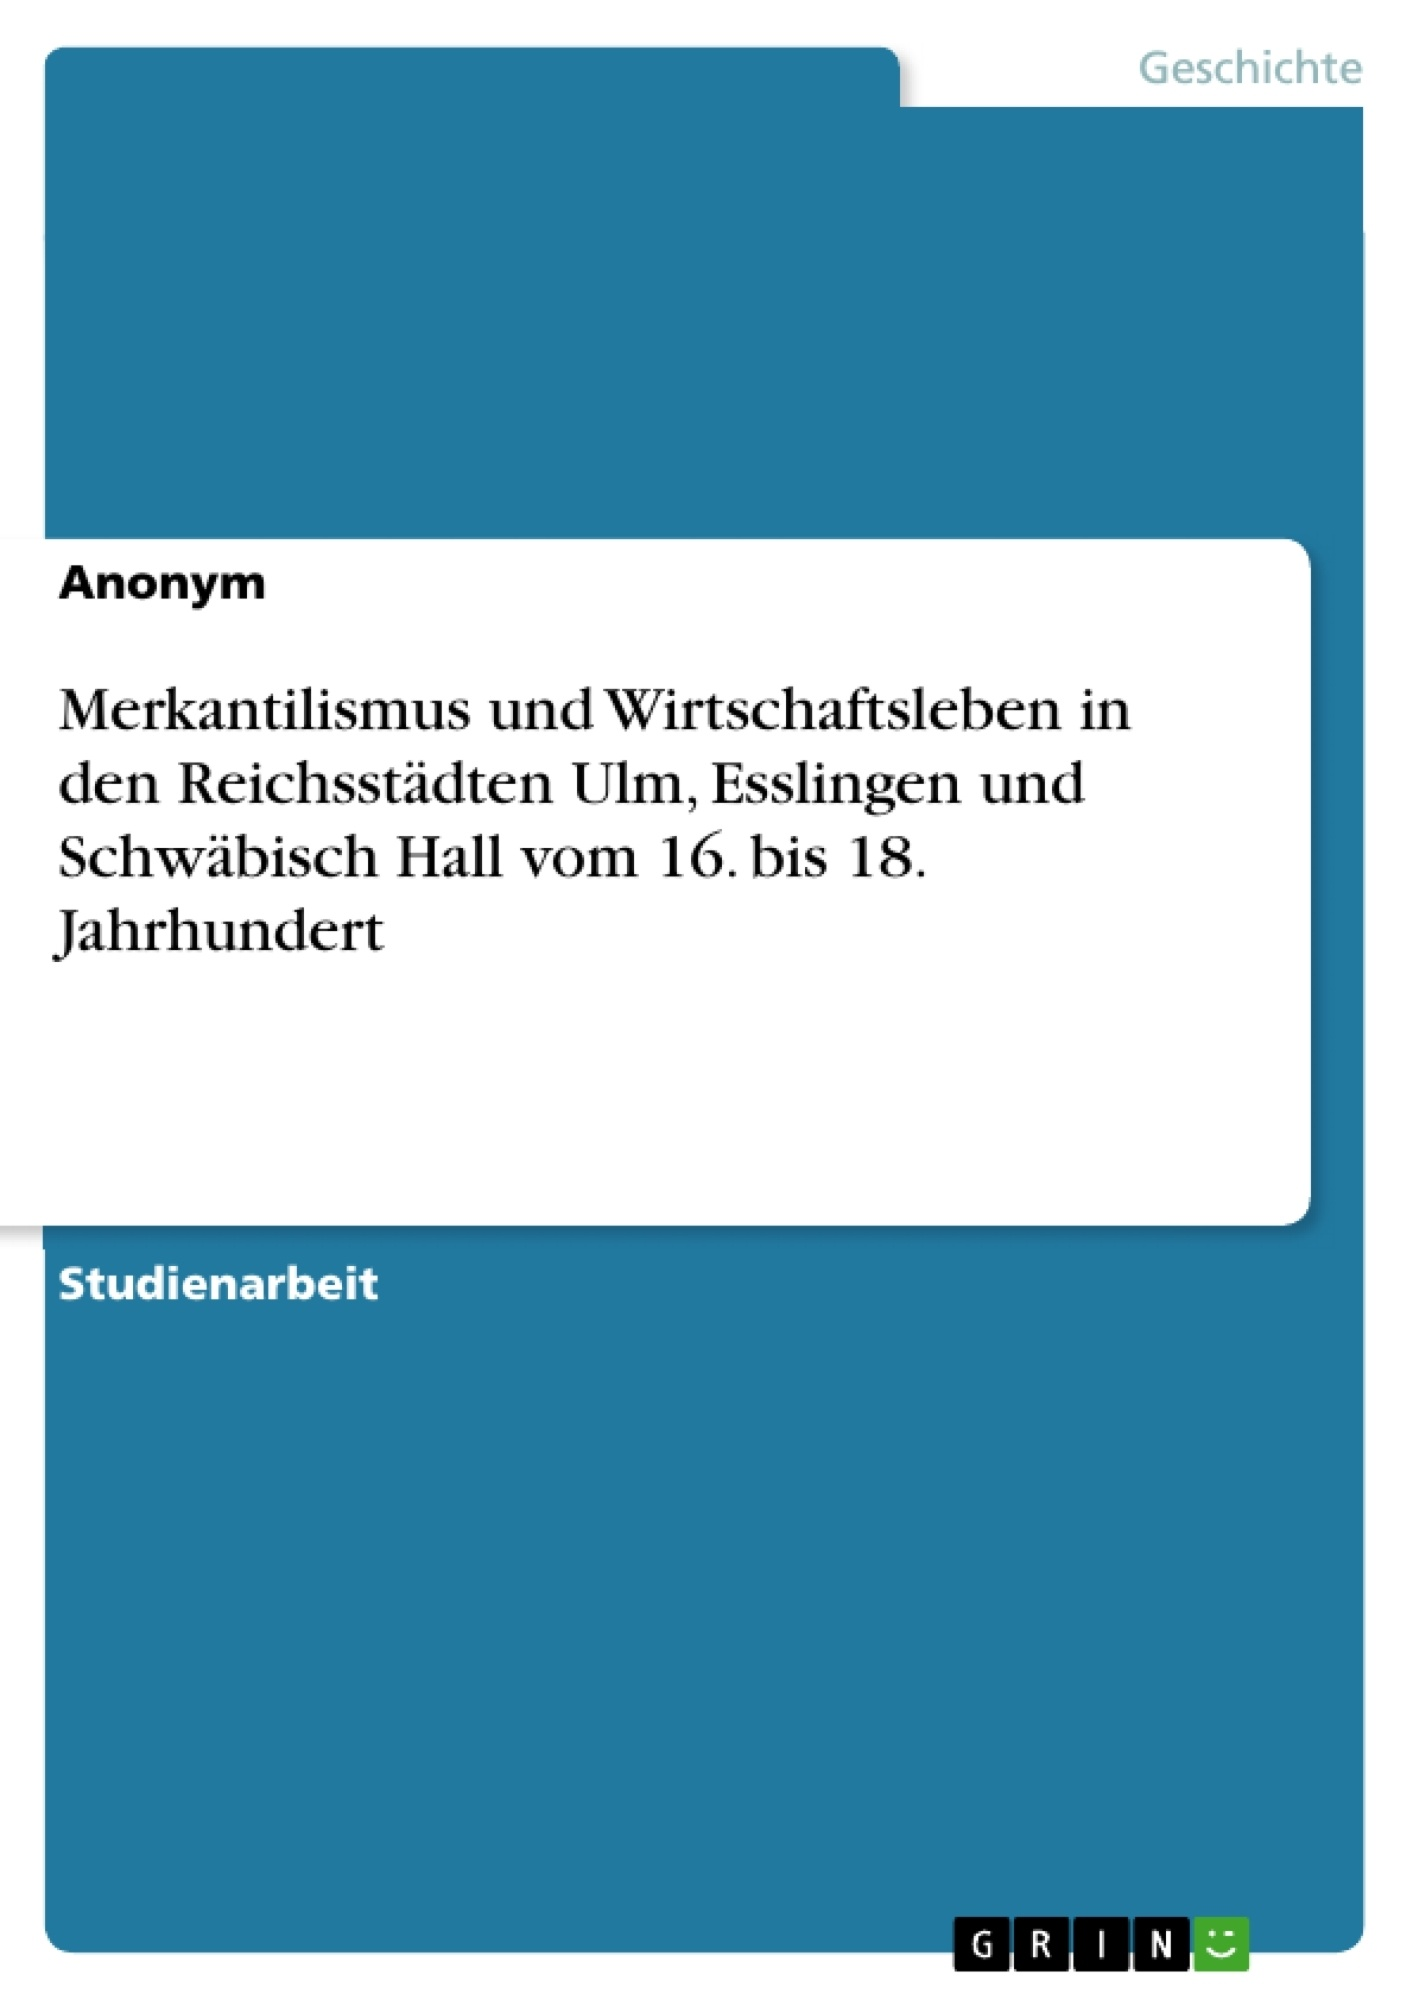 Titel: Merkantilismus und Wirtschaftsleben in den Reichsstädten Ulm, Esslingen und Schwäbisch Hall vom 16. bis 18. Jahrhundert